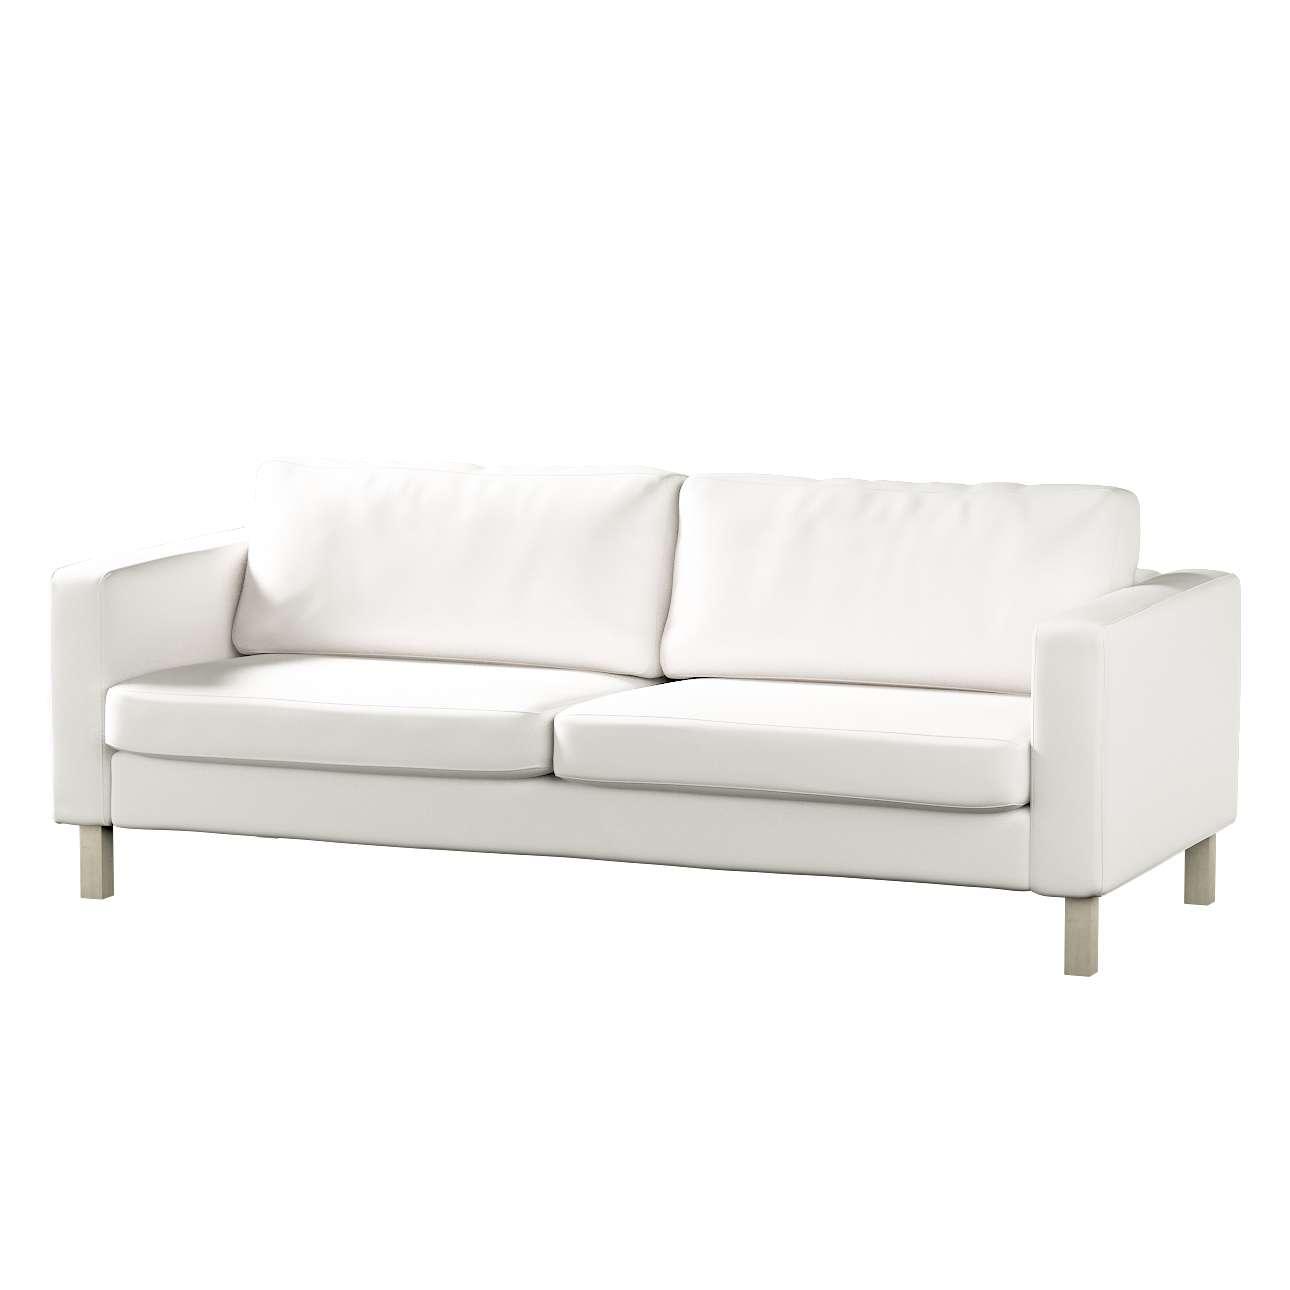 Karlstad Schlafsofabezug Karlstad 3-Sitzer ausklappbar von der Kollektion Cotton Panama, Stoff: 702-34